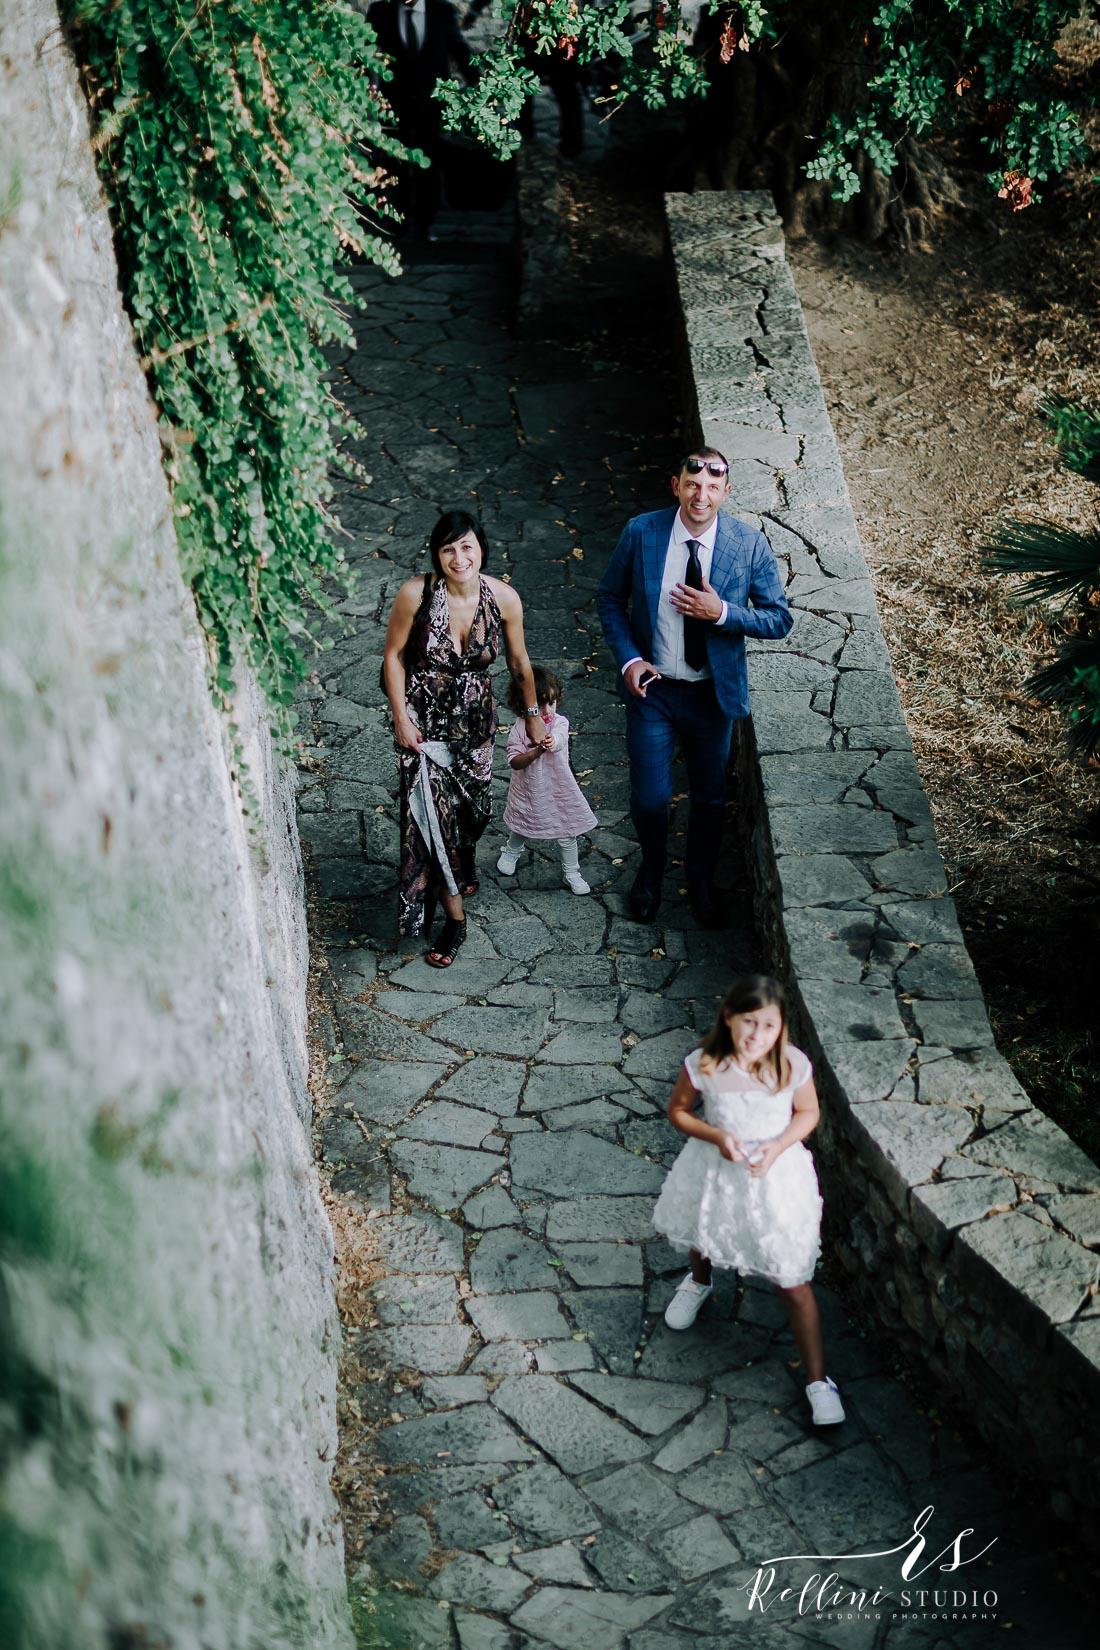 matrimonio Castello di Arechi Salerno 109.jpg